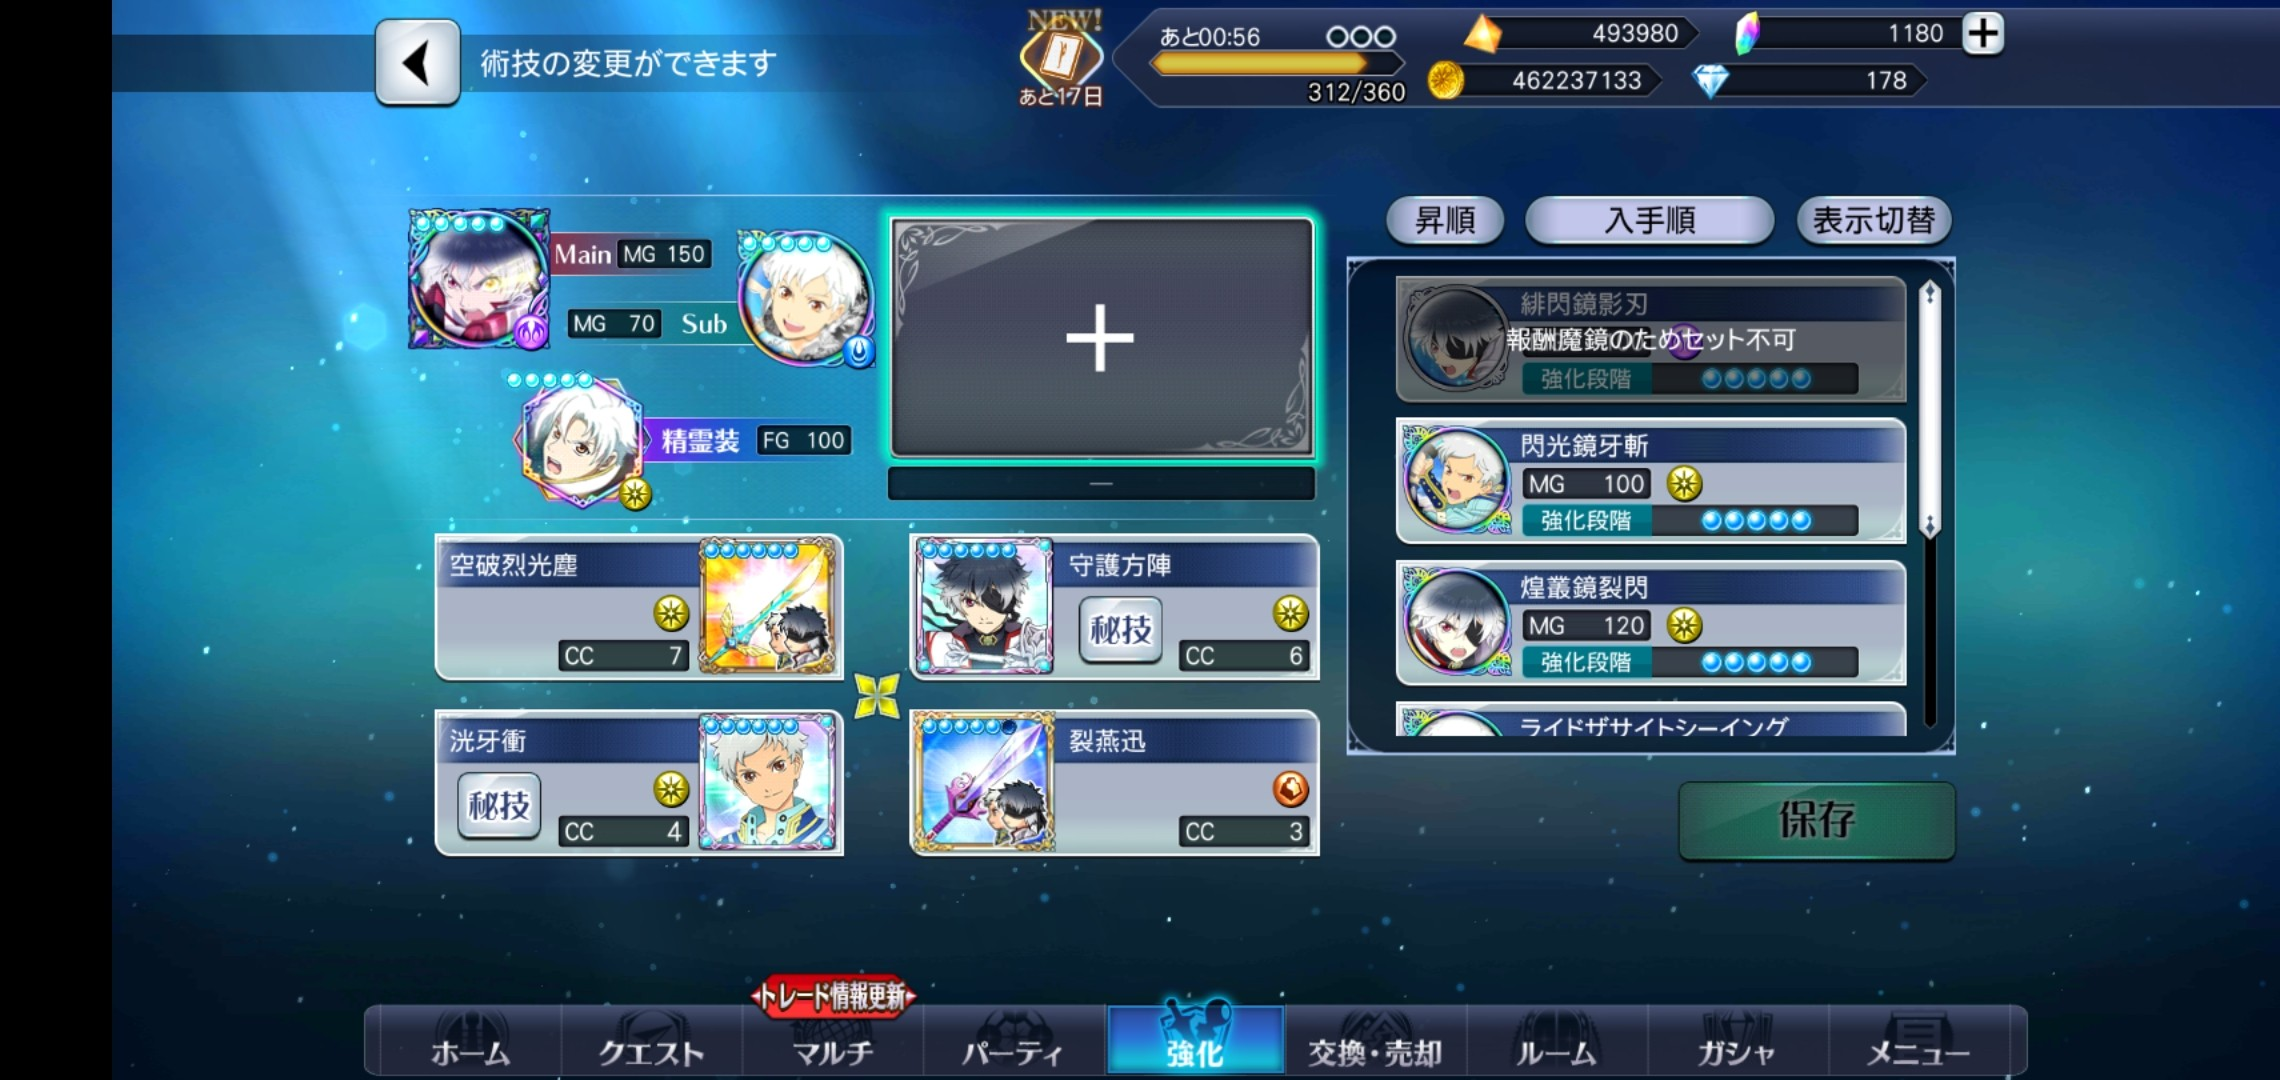 f:id:Rinburu:20210905002827j:plain